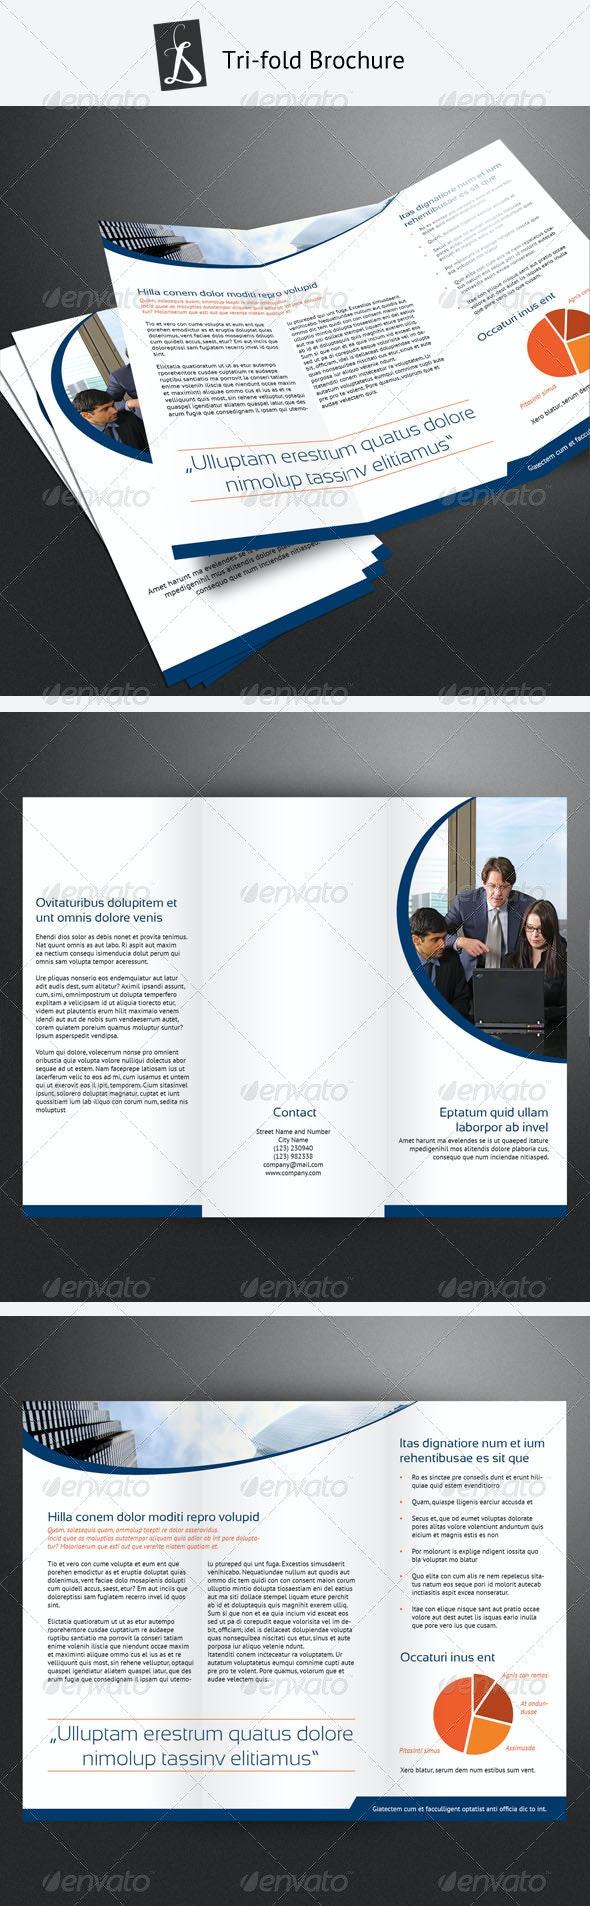 Tri-fold Brochure 1 - Corporate Brochures